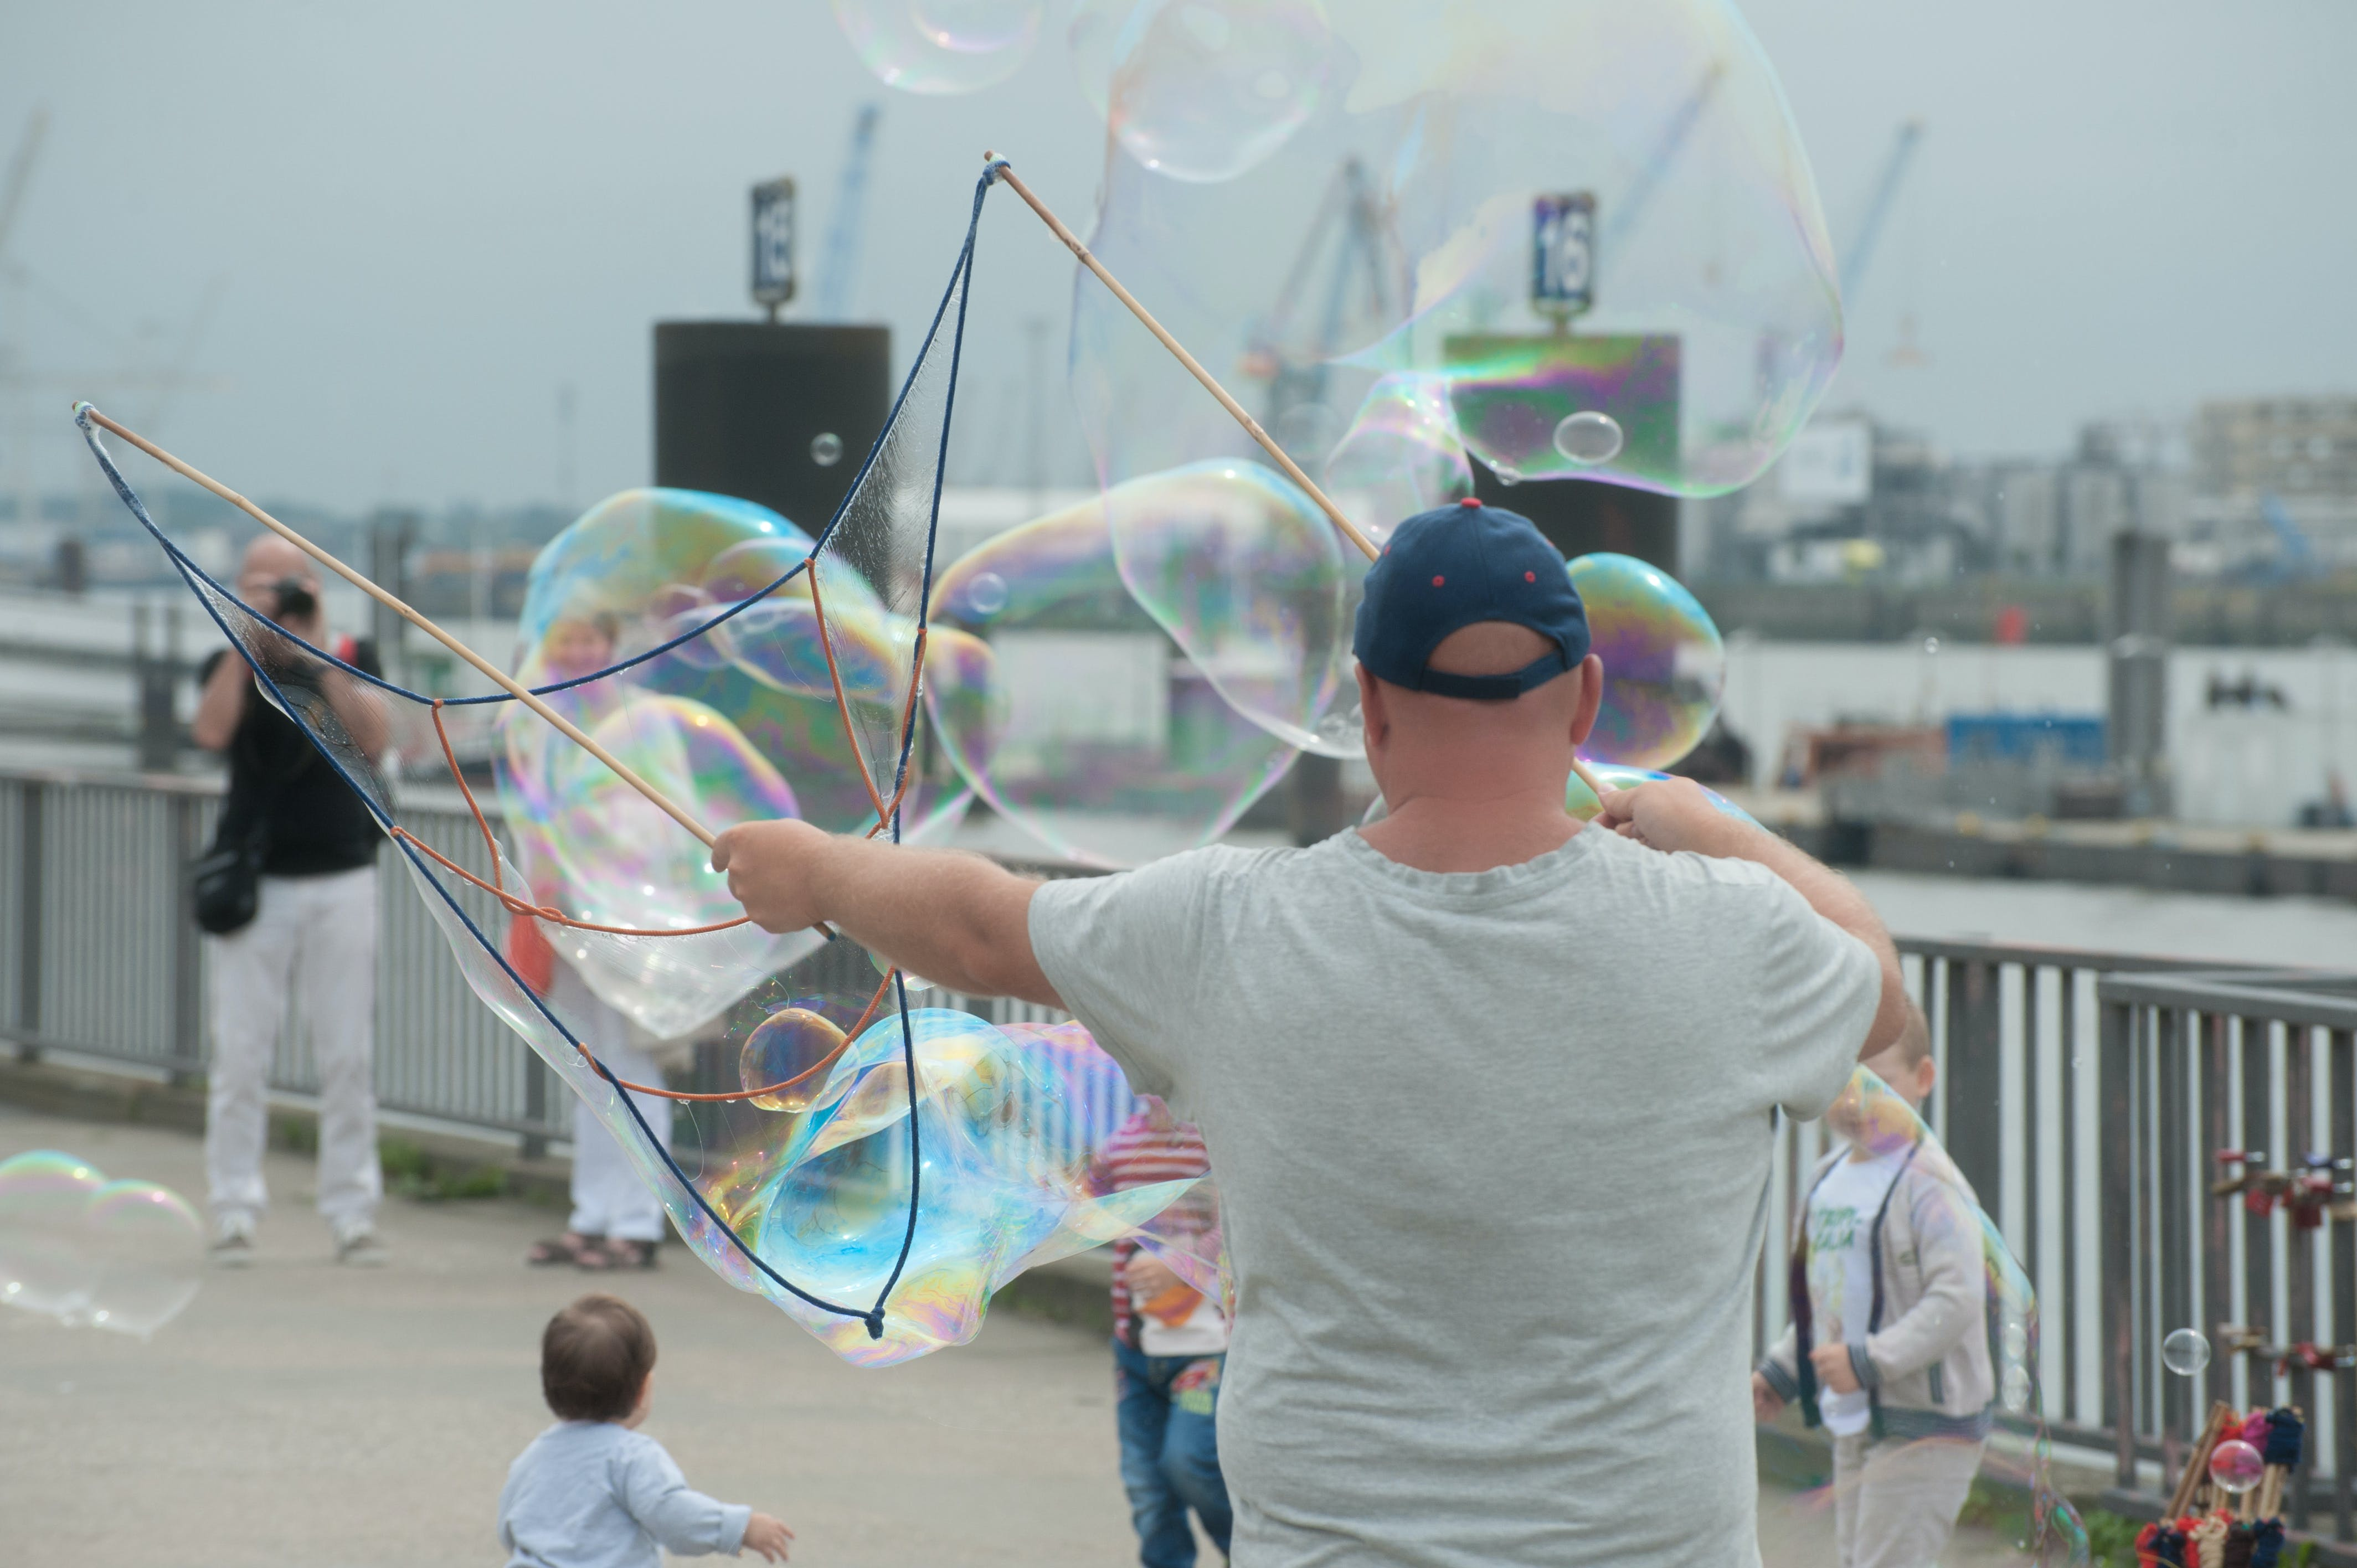 Man Making Bubbles